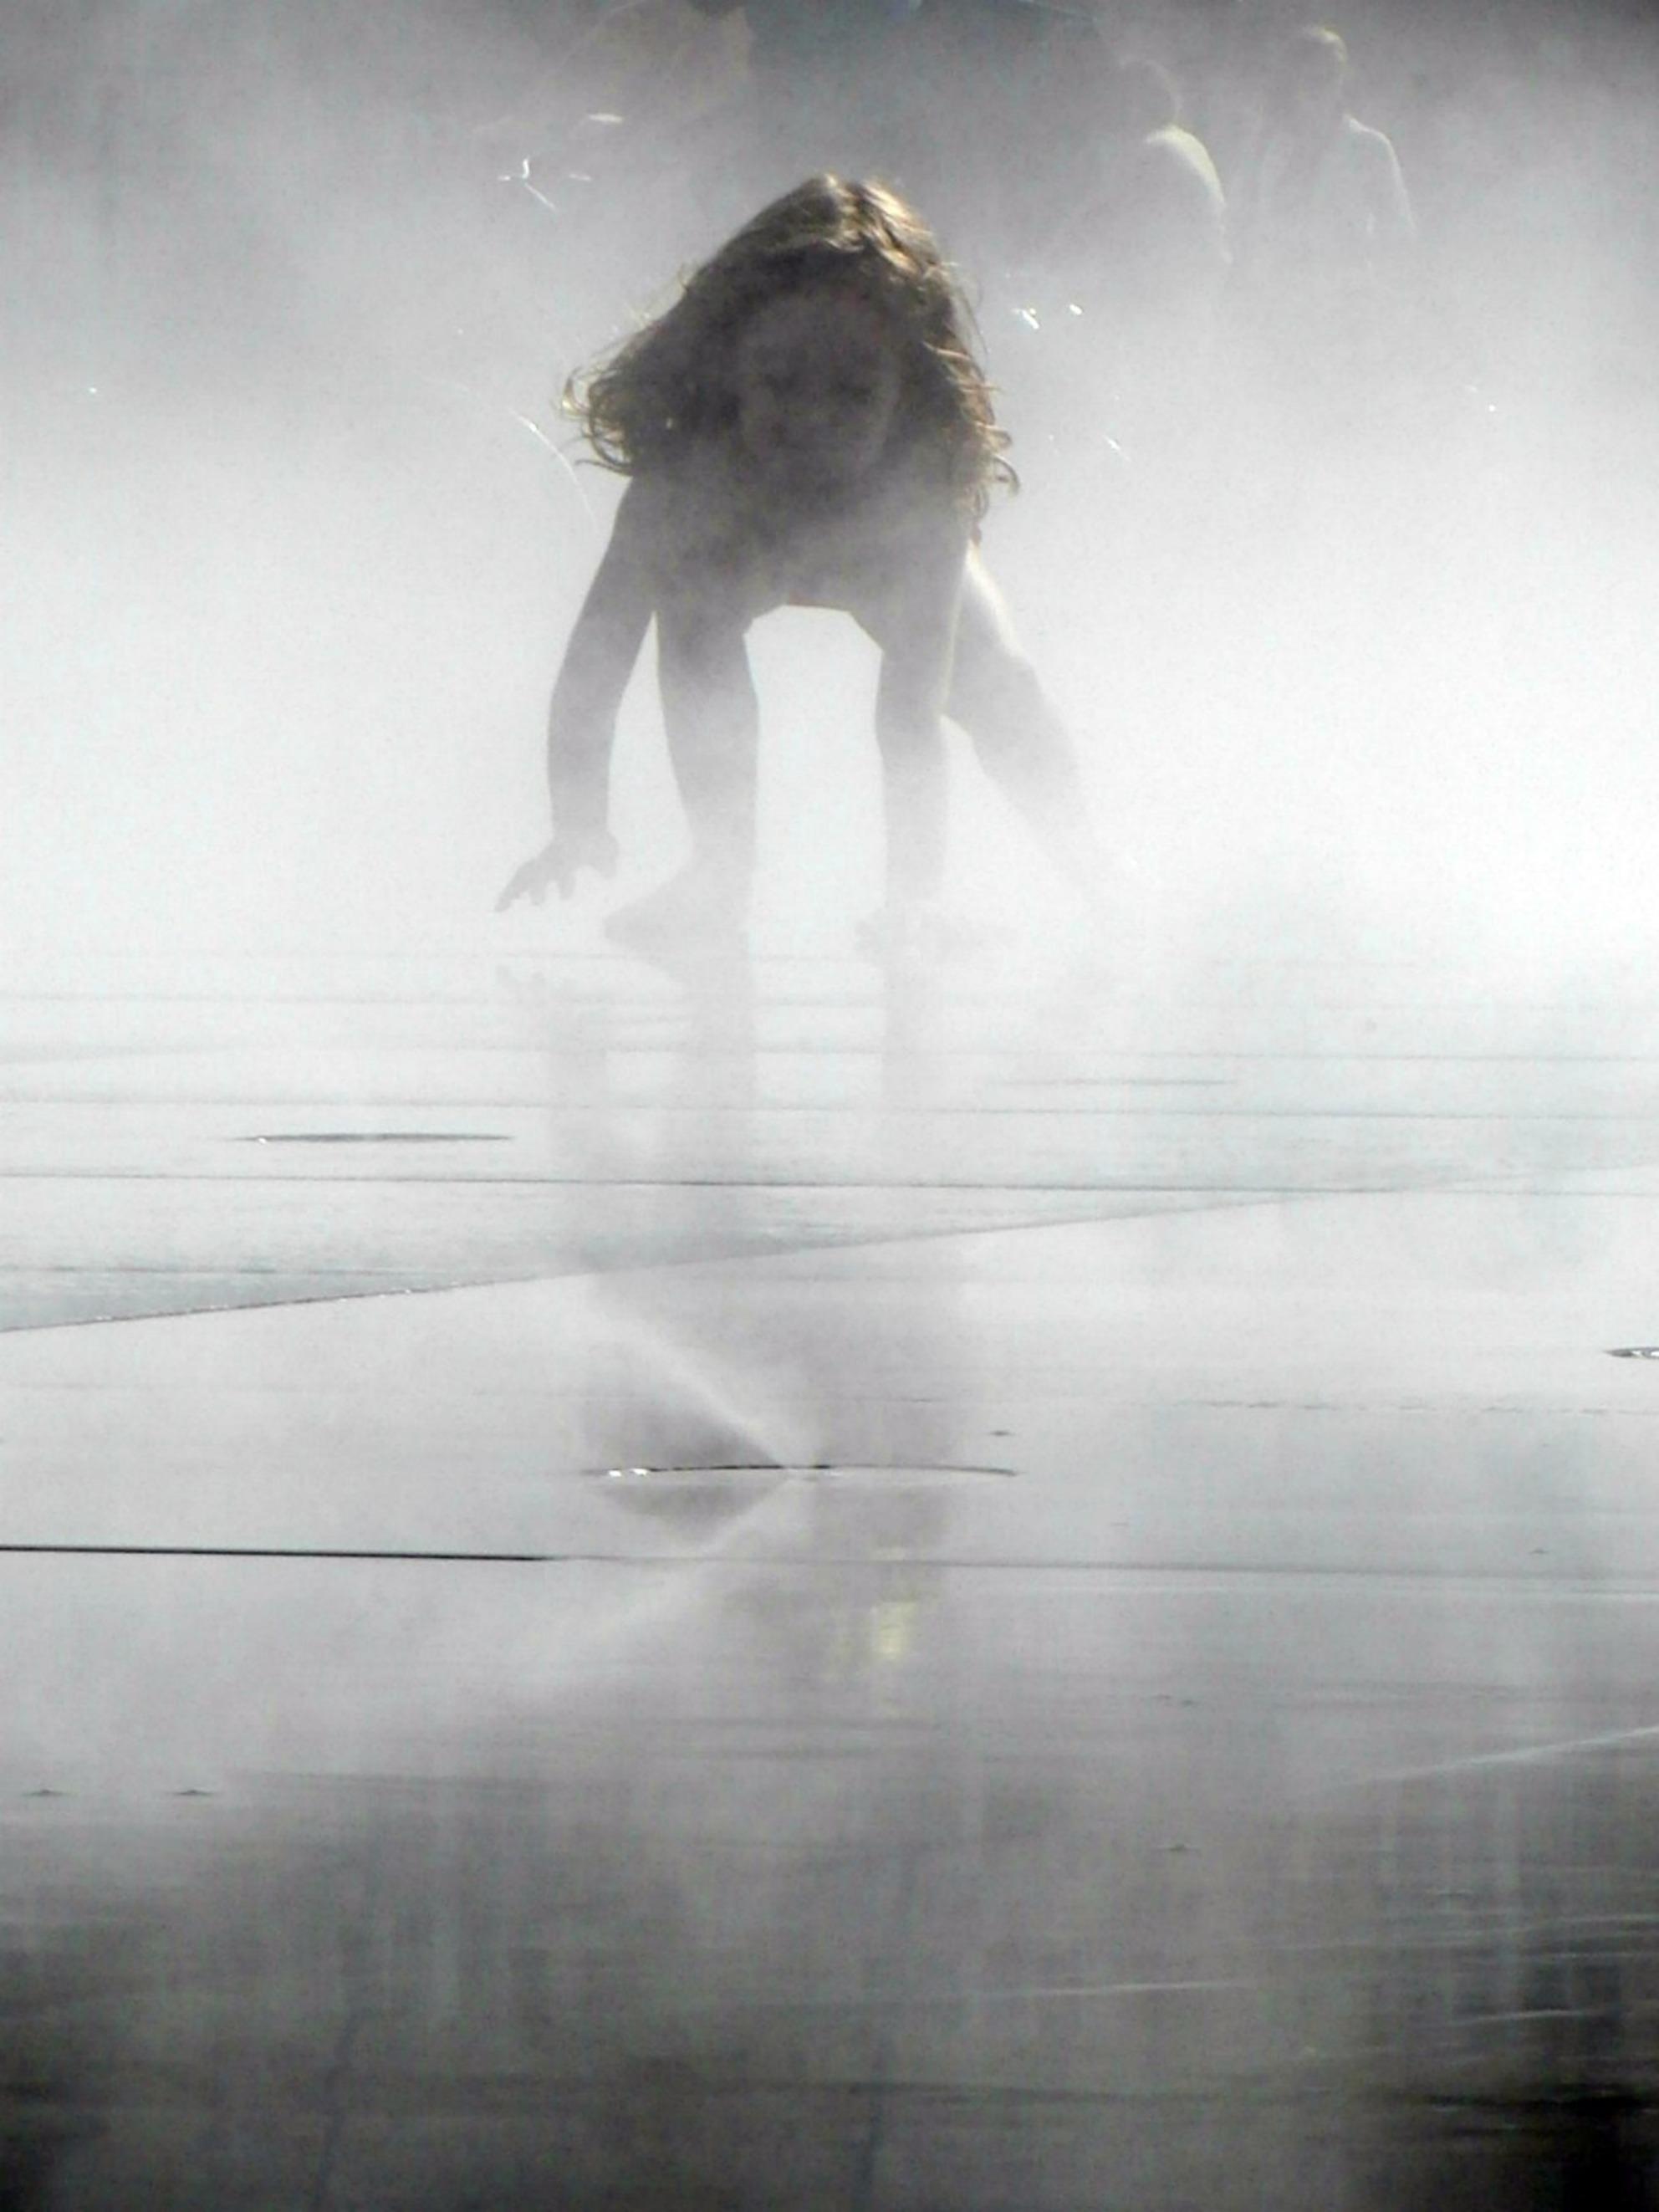 Spookje - Kind dat speelt op een waterspeelplaats in Bordeaux. Op de speelplaats veranderd het water soms in stoom. - foto door ikkeerica op 24-12-2011 - deze foto bevat: sport, natuur, kind